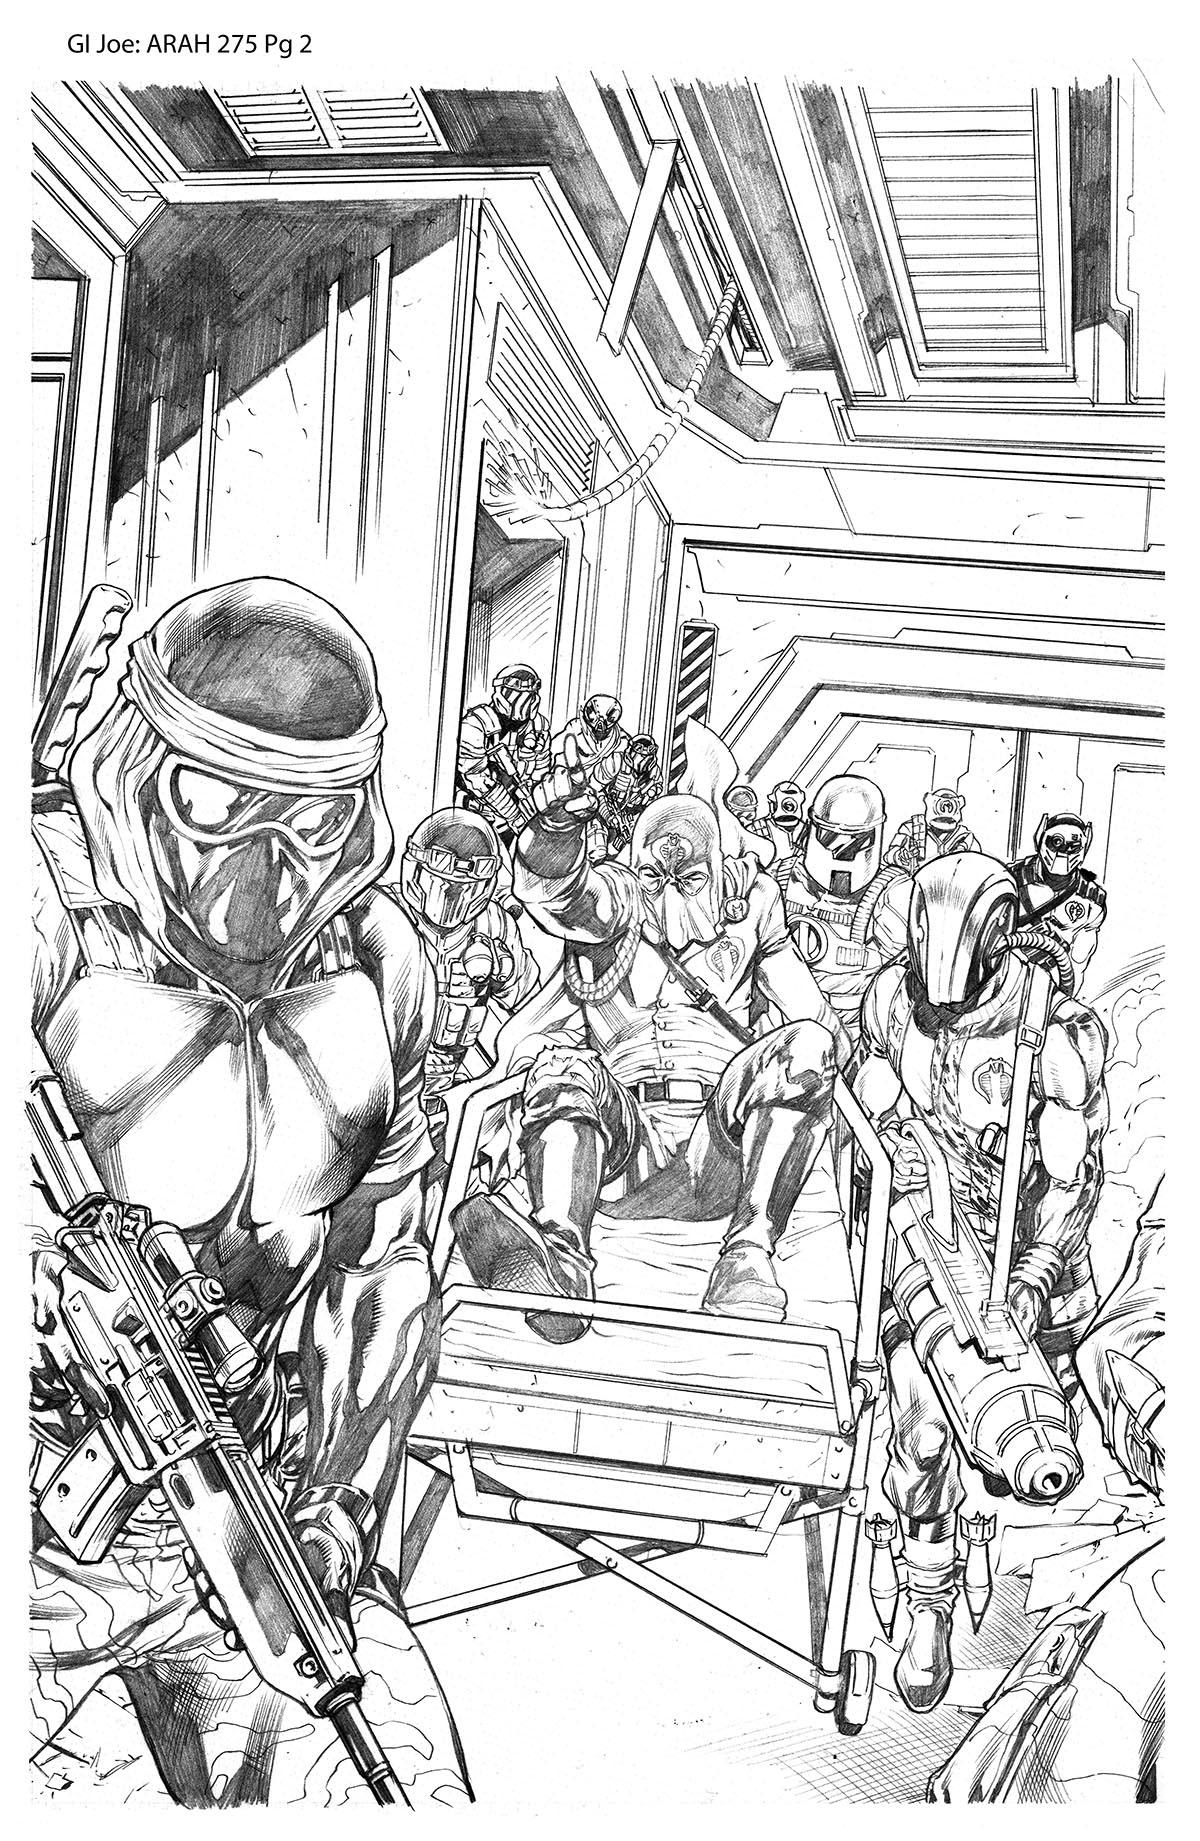 GI JOE #275 pg 2